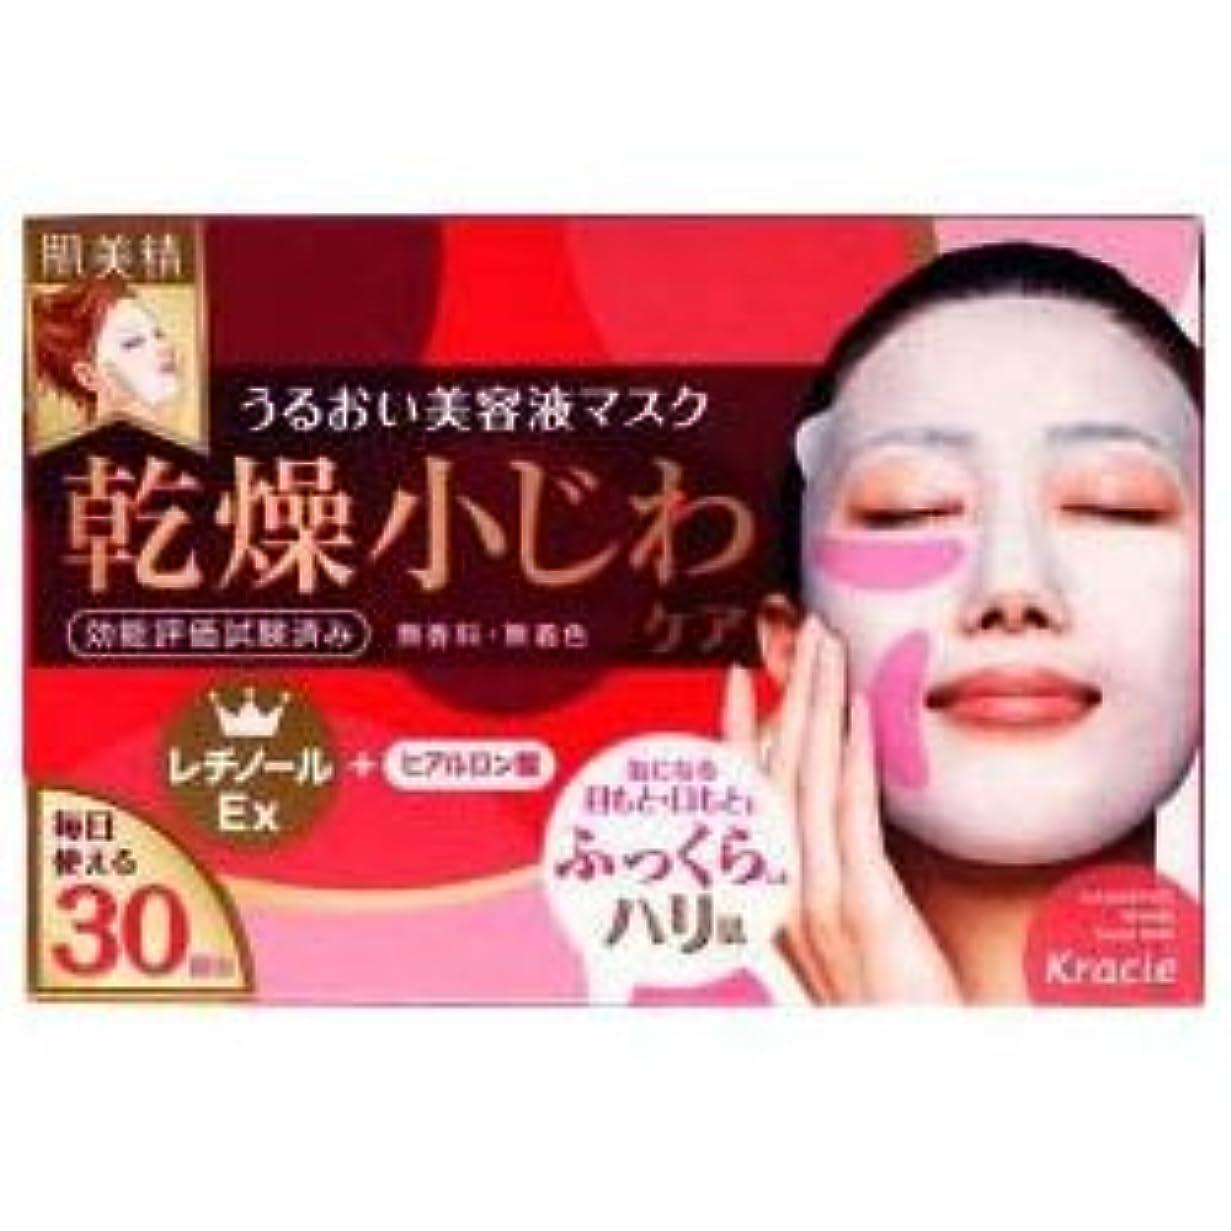 薬用一晩ホイスト【クラシエ】肌美精 デイリーリンクルケア美容液マスク 30枚 ×20個セット